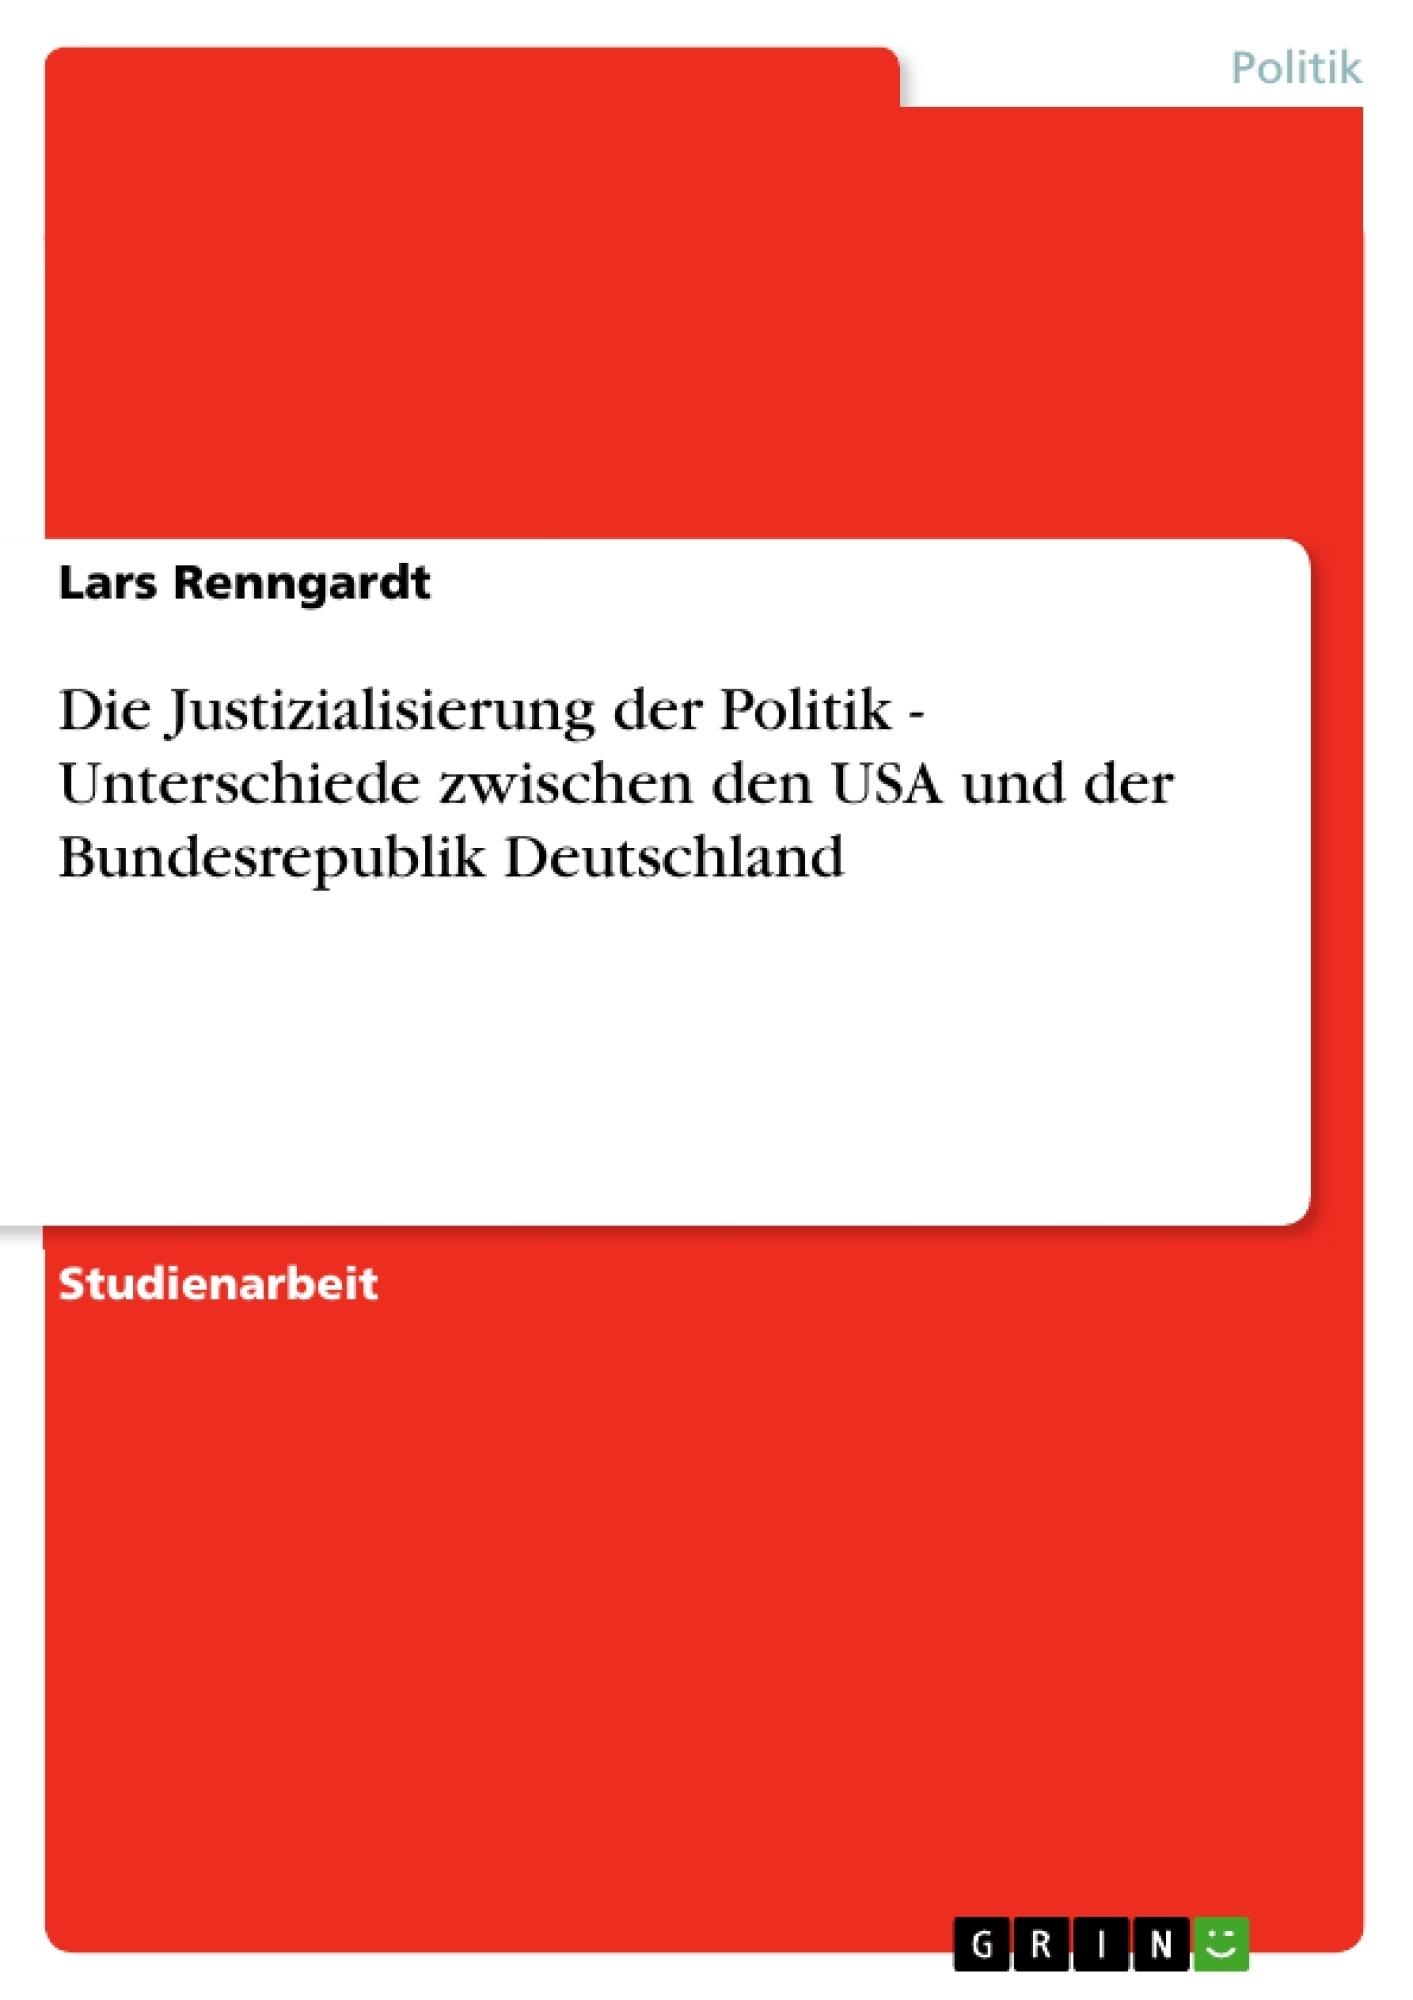 Titel: Die Justizialisierung der Politik - Unterschiede zwischen den USA und der Bundesrepublik Deutschland